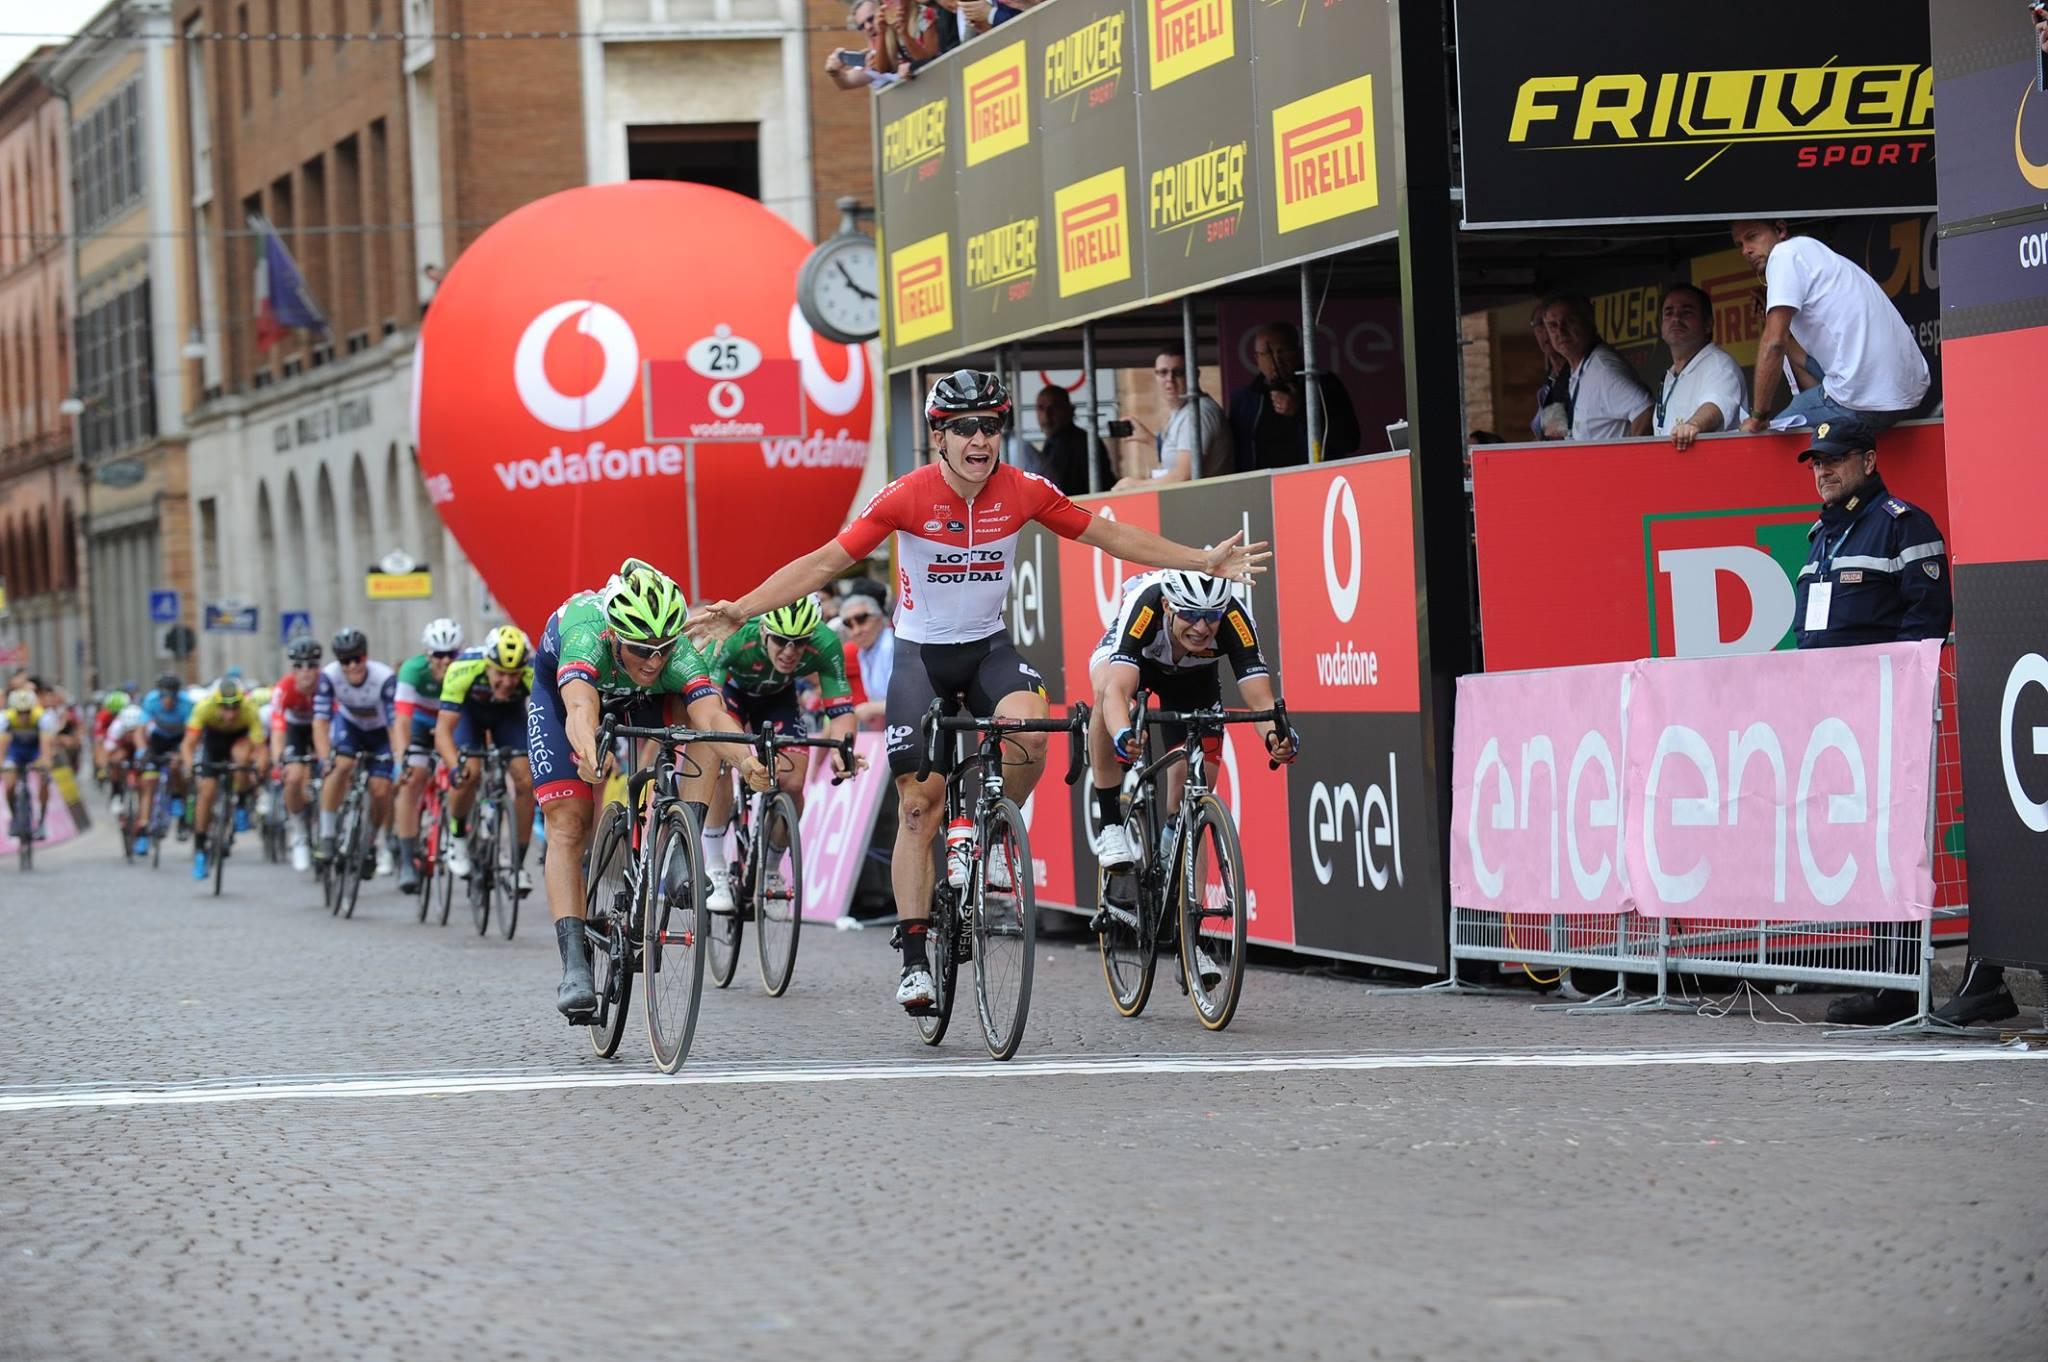 L'ultimo colpo di reni regala il successo a Giovanni Lonardi nella prima tappa del Giro d'Italia Under 23 2018